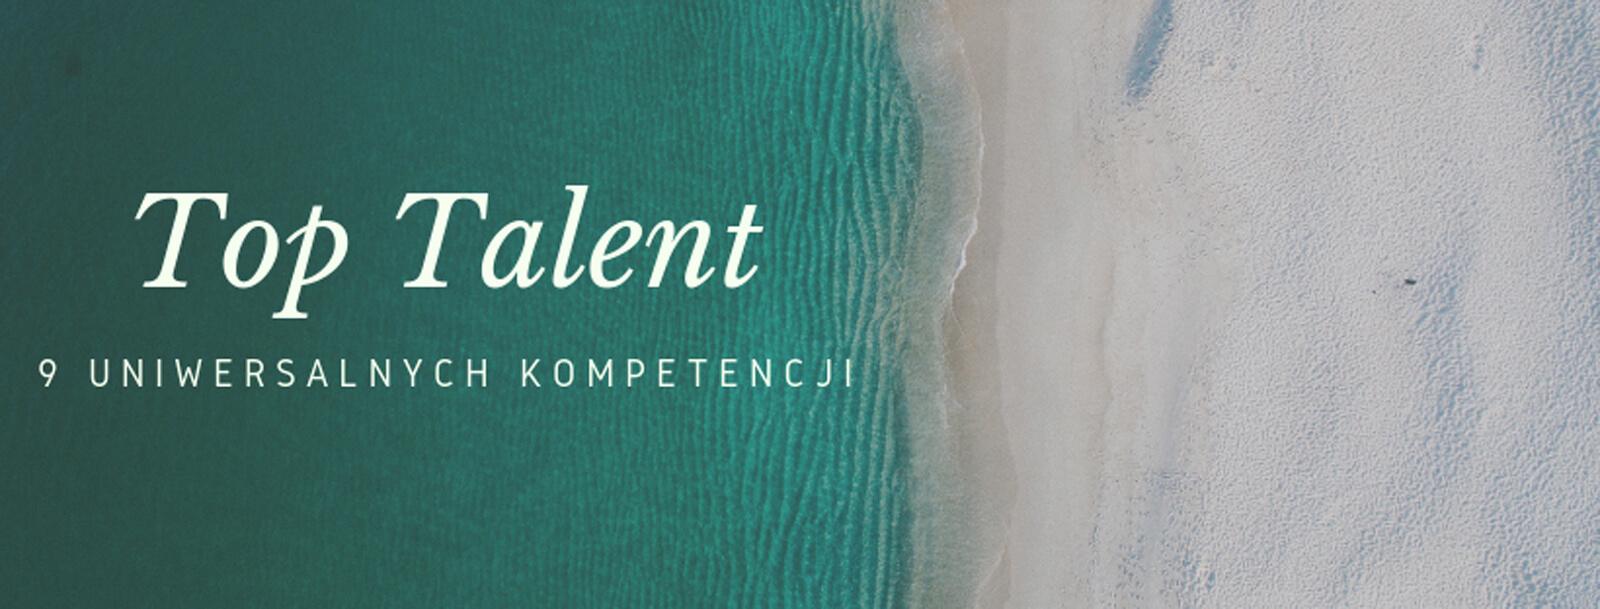 Top Talent : 9 Uniwersalnych Kompetencji